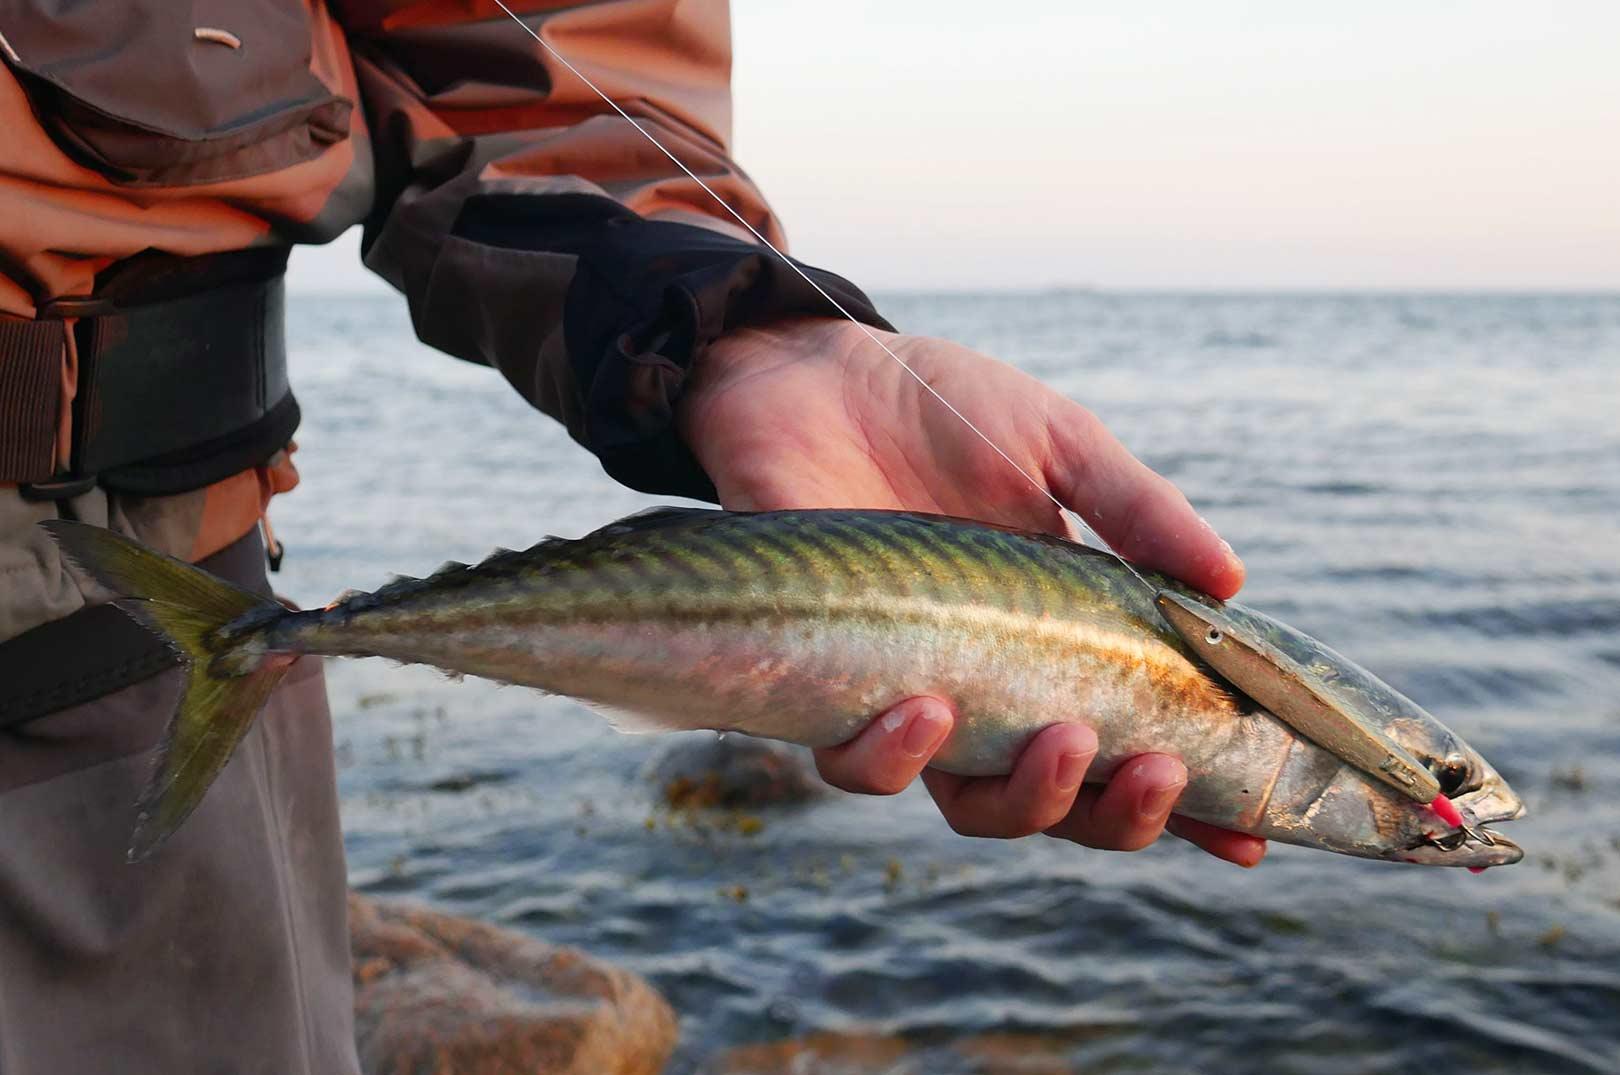 Denne makrel gav fuld kampo stil stregen i en grad, så Malthe næsten troede, at det var en havørred